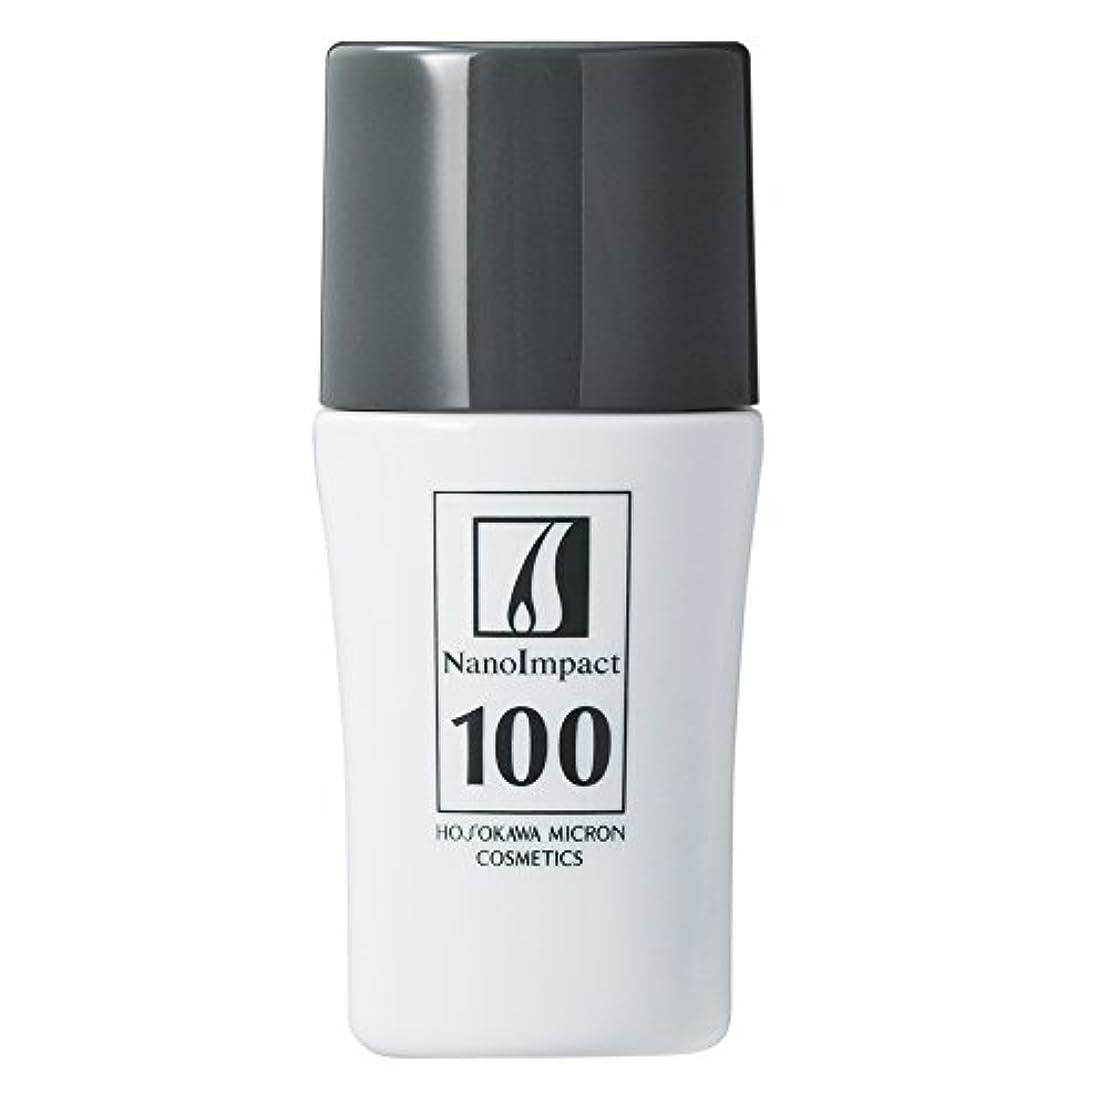 属性いたずら里親ホソカワミクロン化粧品 薬用ナノインパクト 100<60ml> 【医薬部外品/薬用育毛剤】